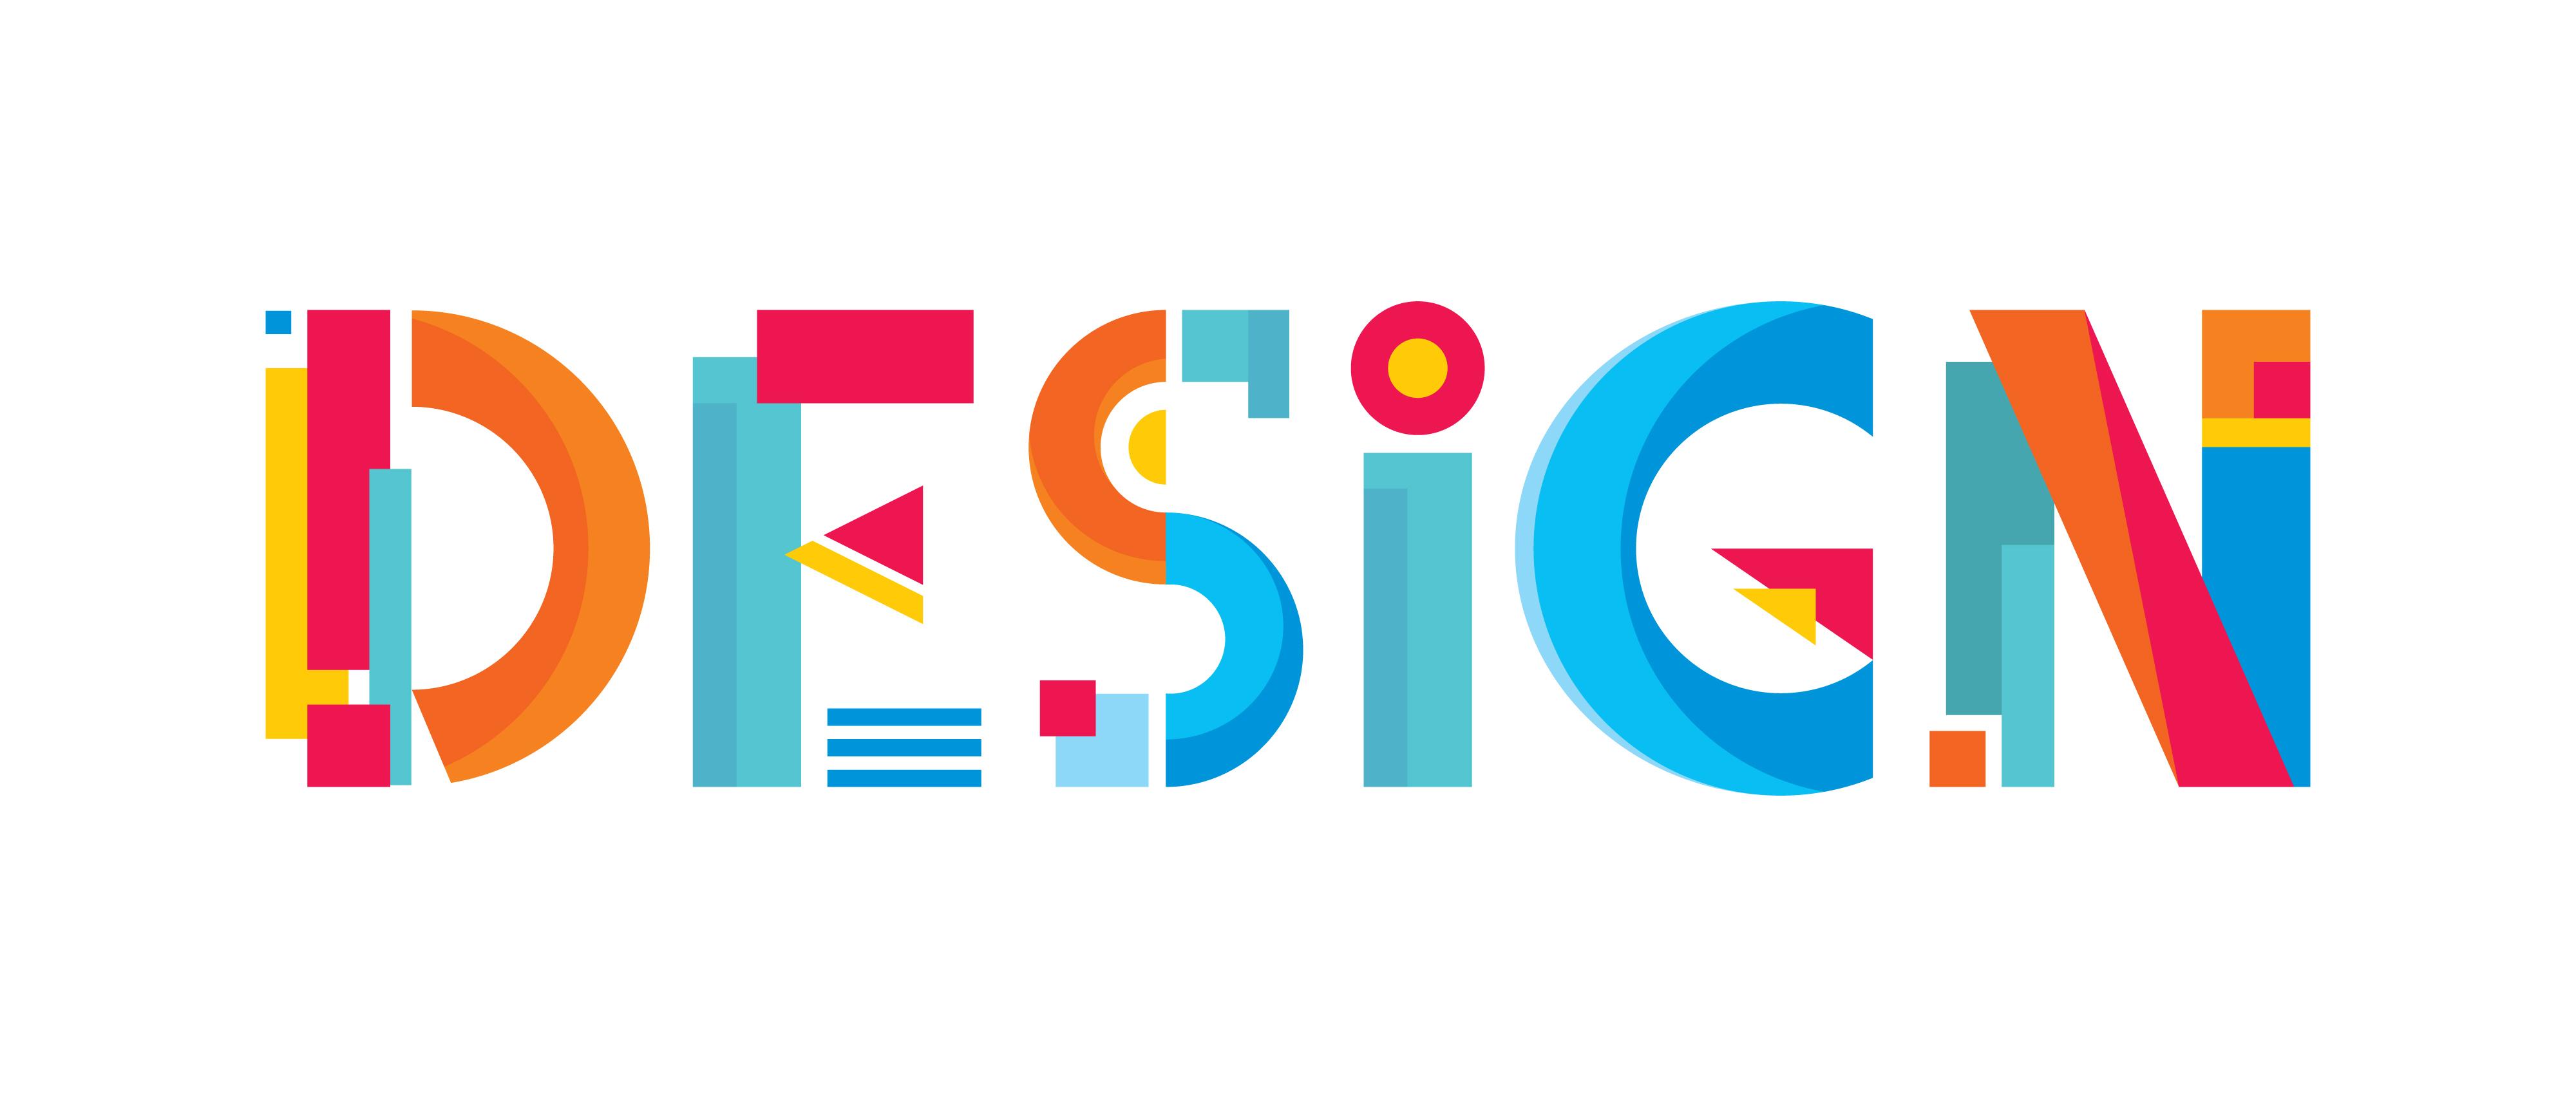 """Résultat de recherche d'images pour """"design"""""""